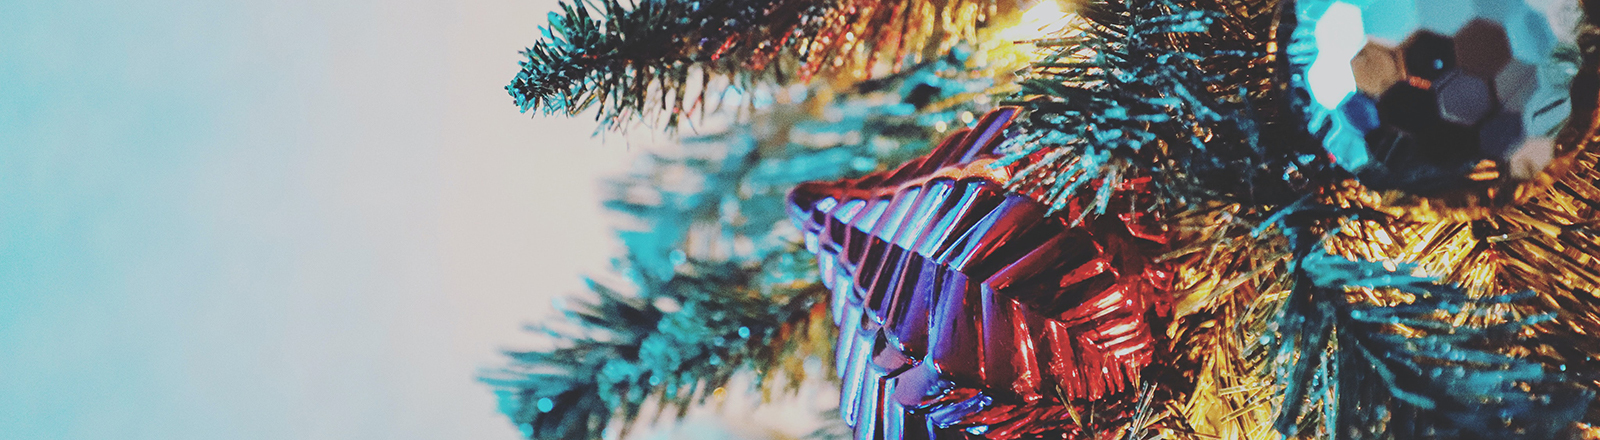 Nahaufnahme eines Weihnachtsbaums mit Weihnachtsschmuck